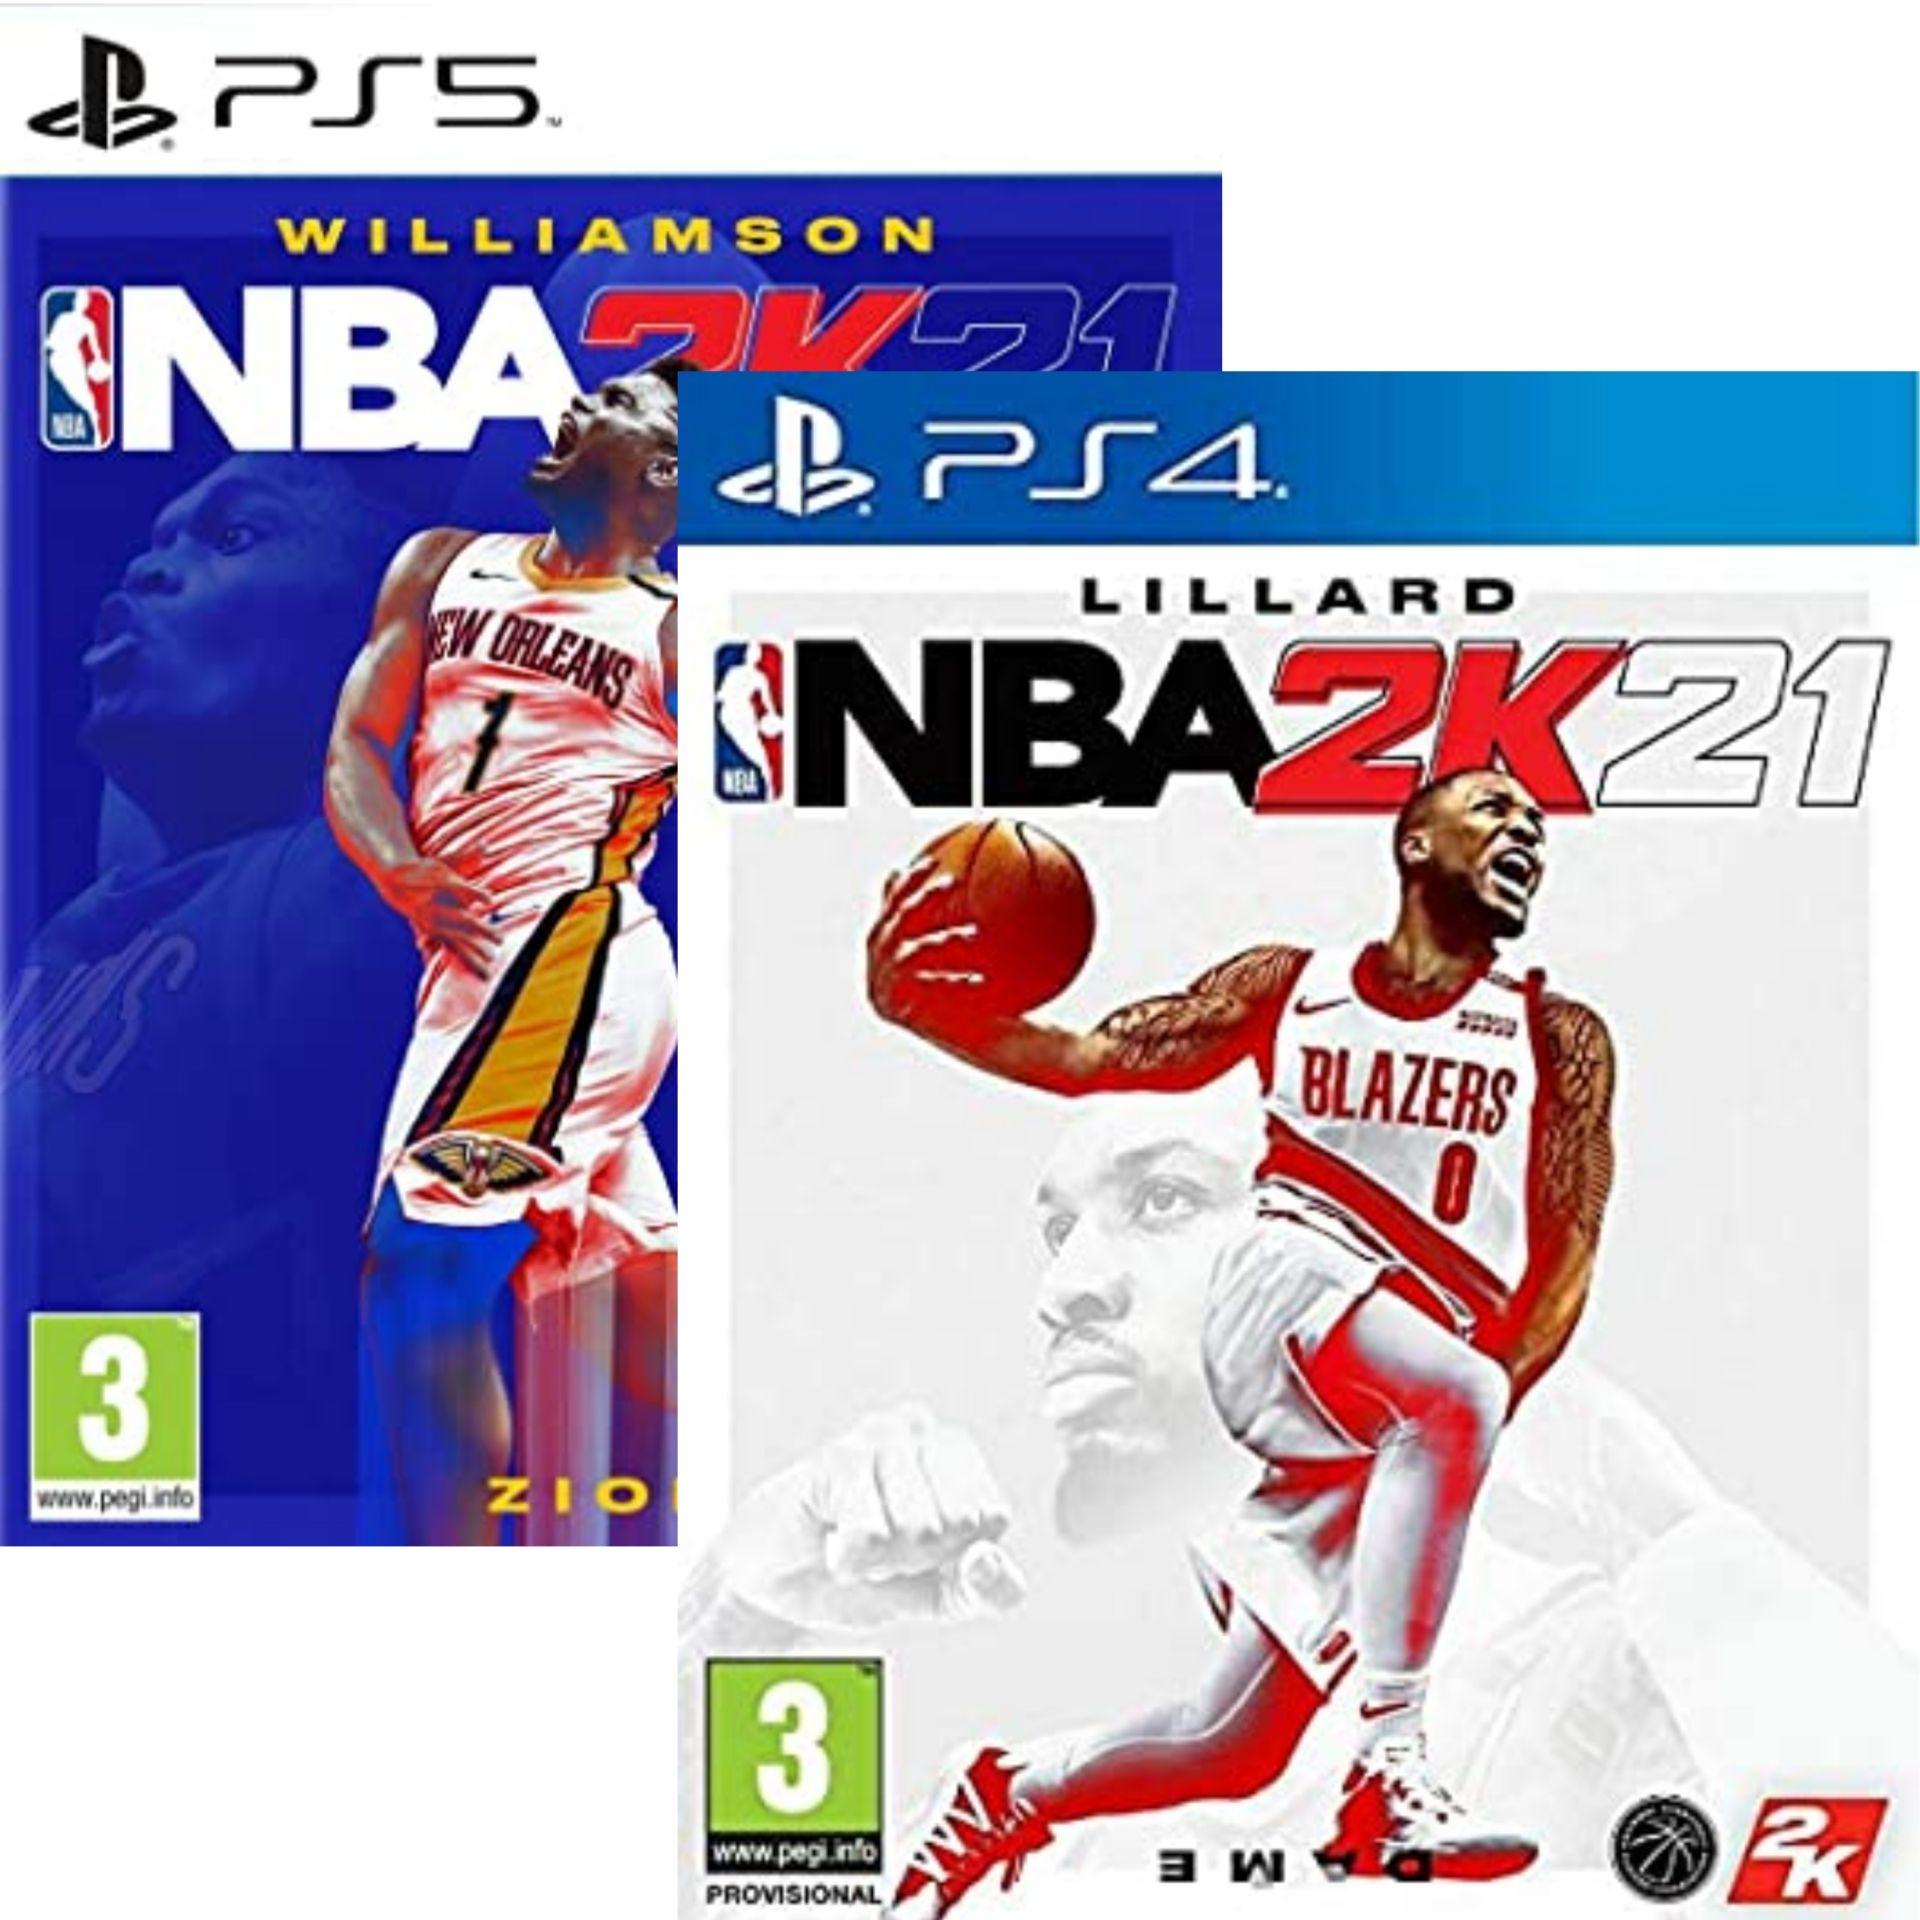 NBA 2K21 sur PS4 (33,90€ sur PS5)